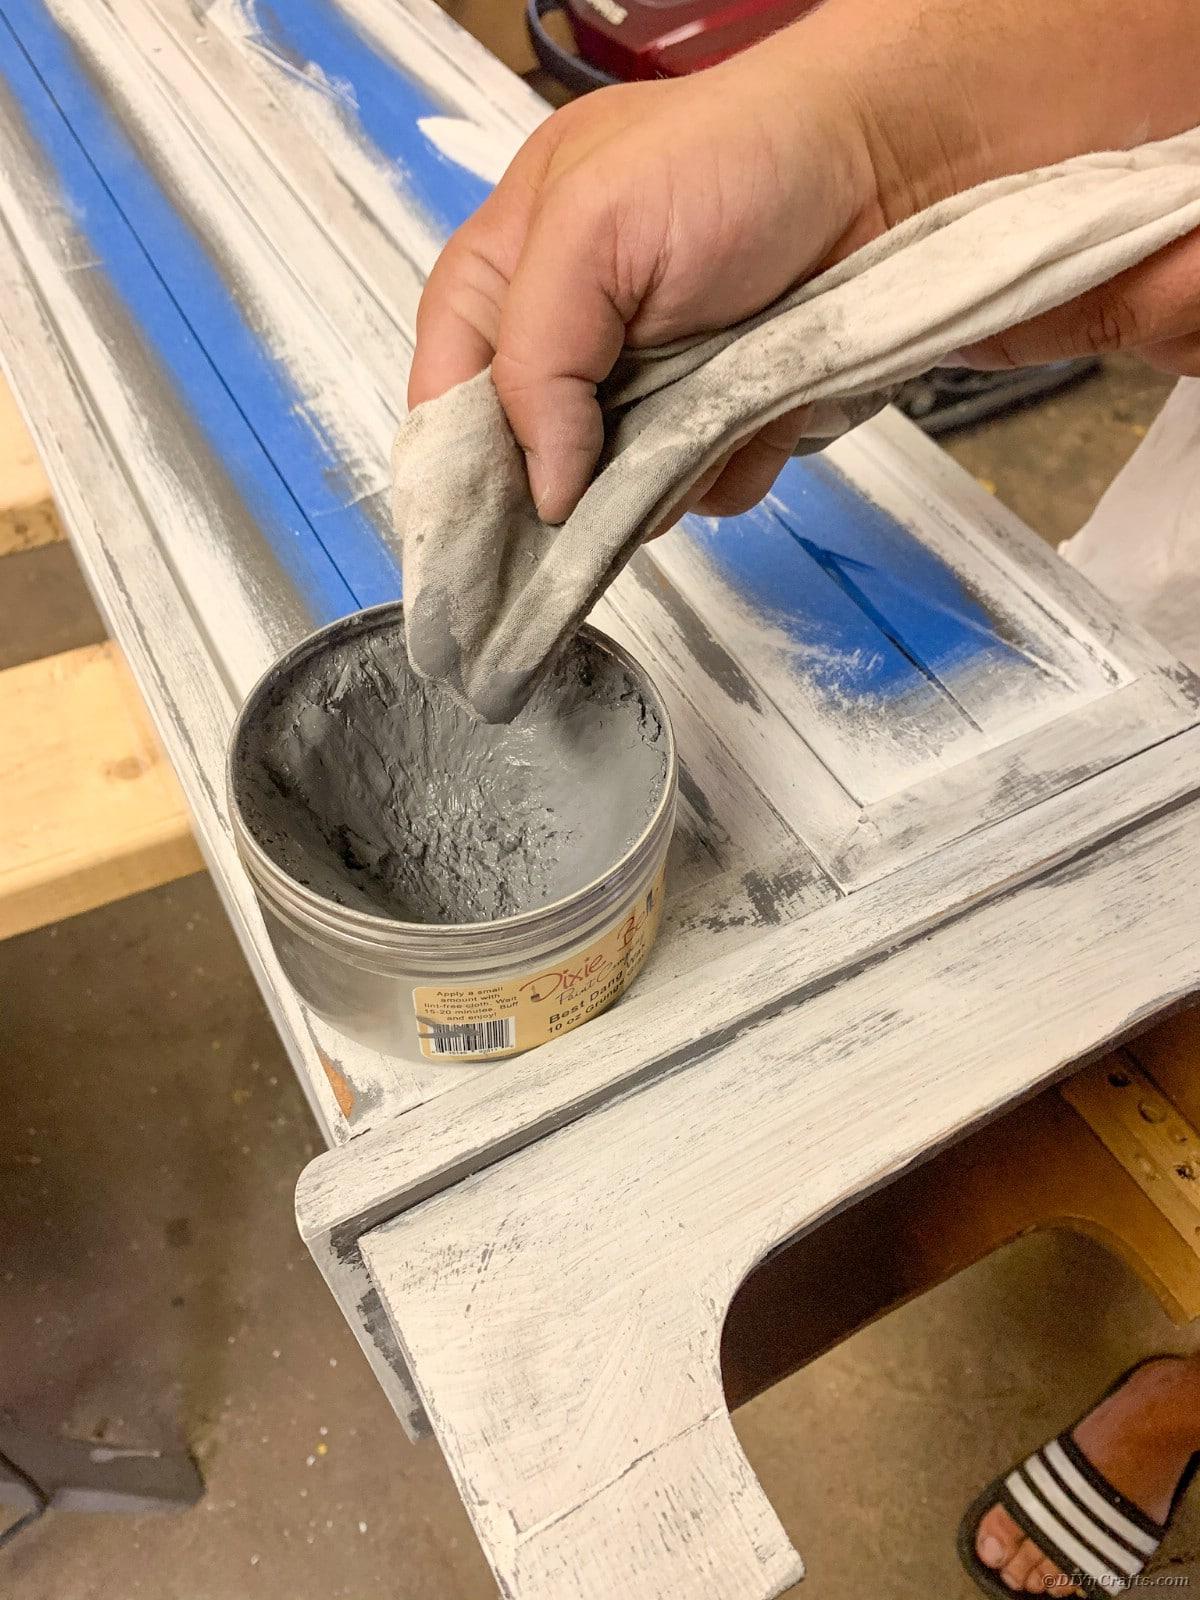 Waxing curio cabinet